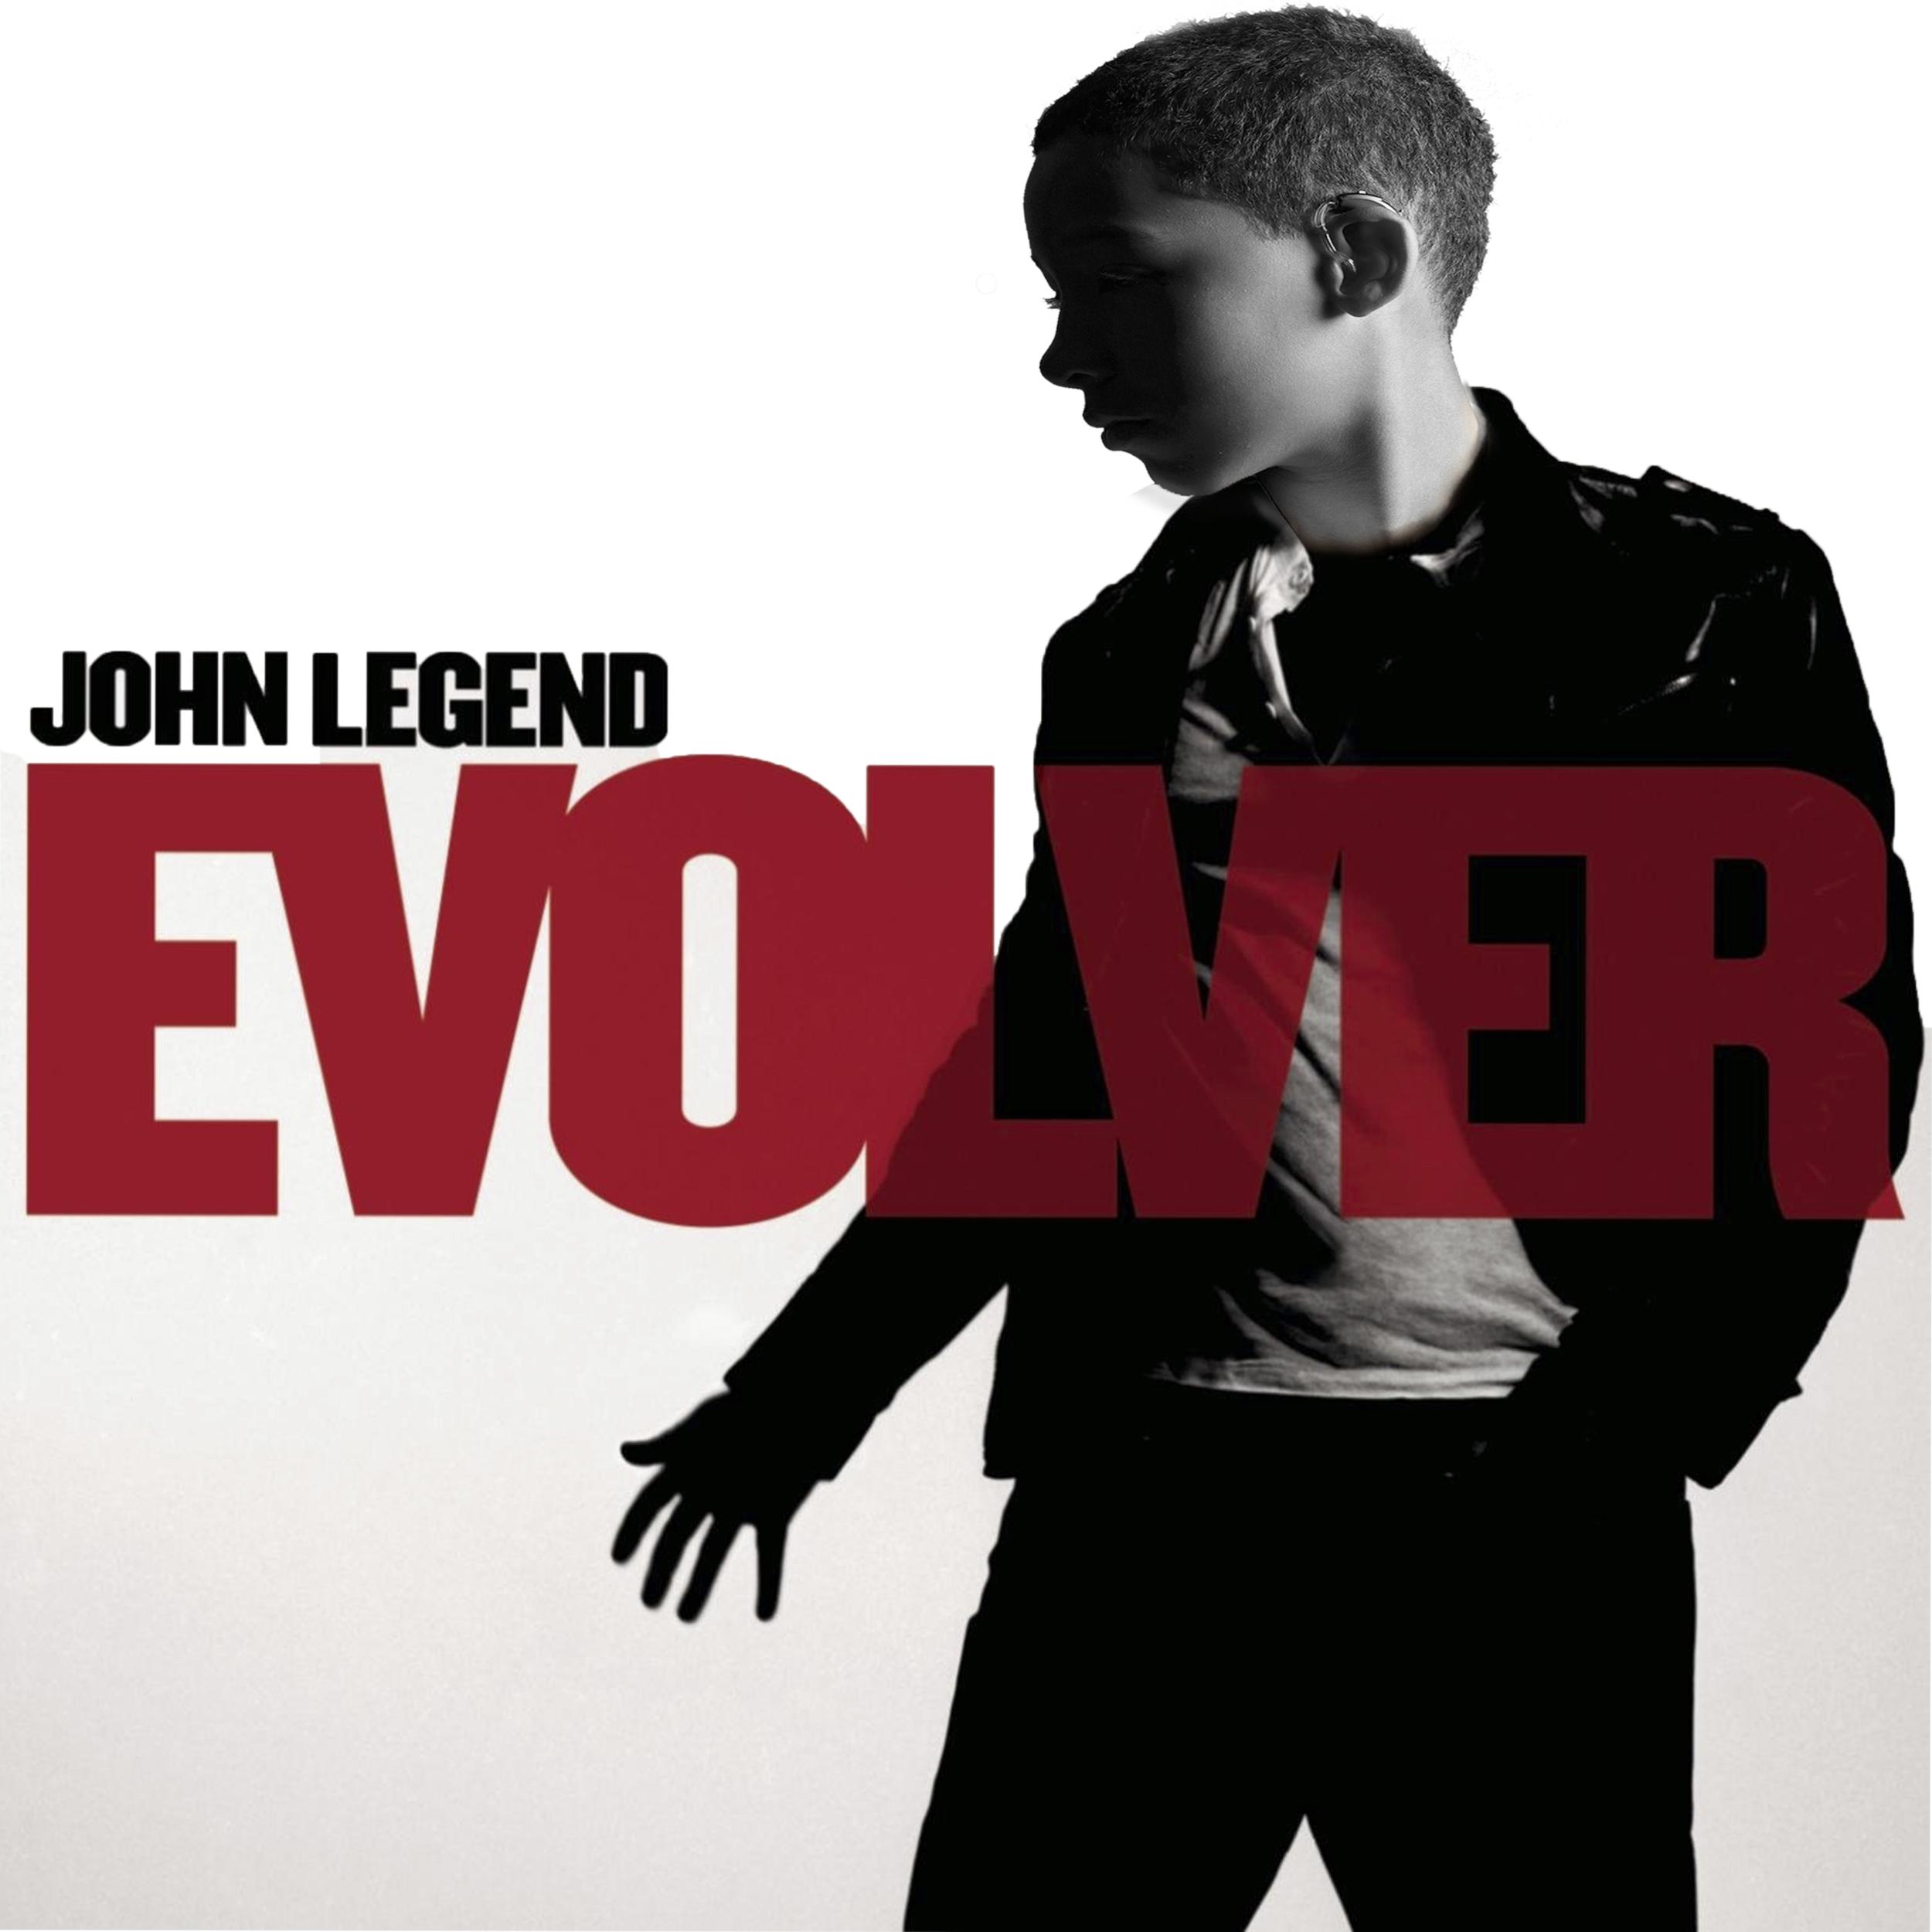 John Legend Evolver Brandon carter 6.3.png